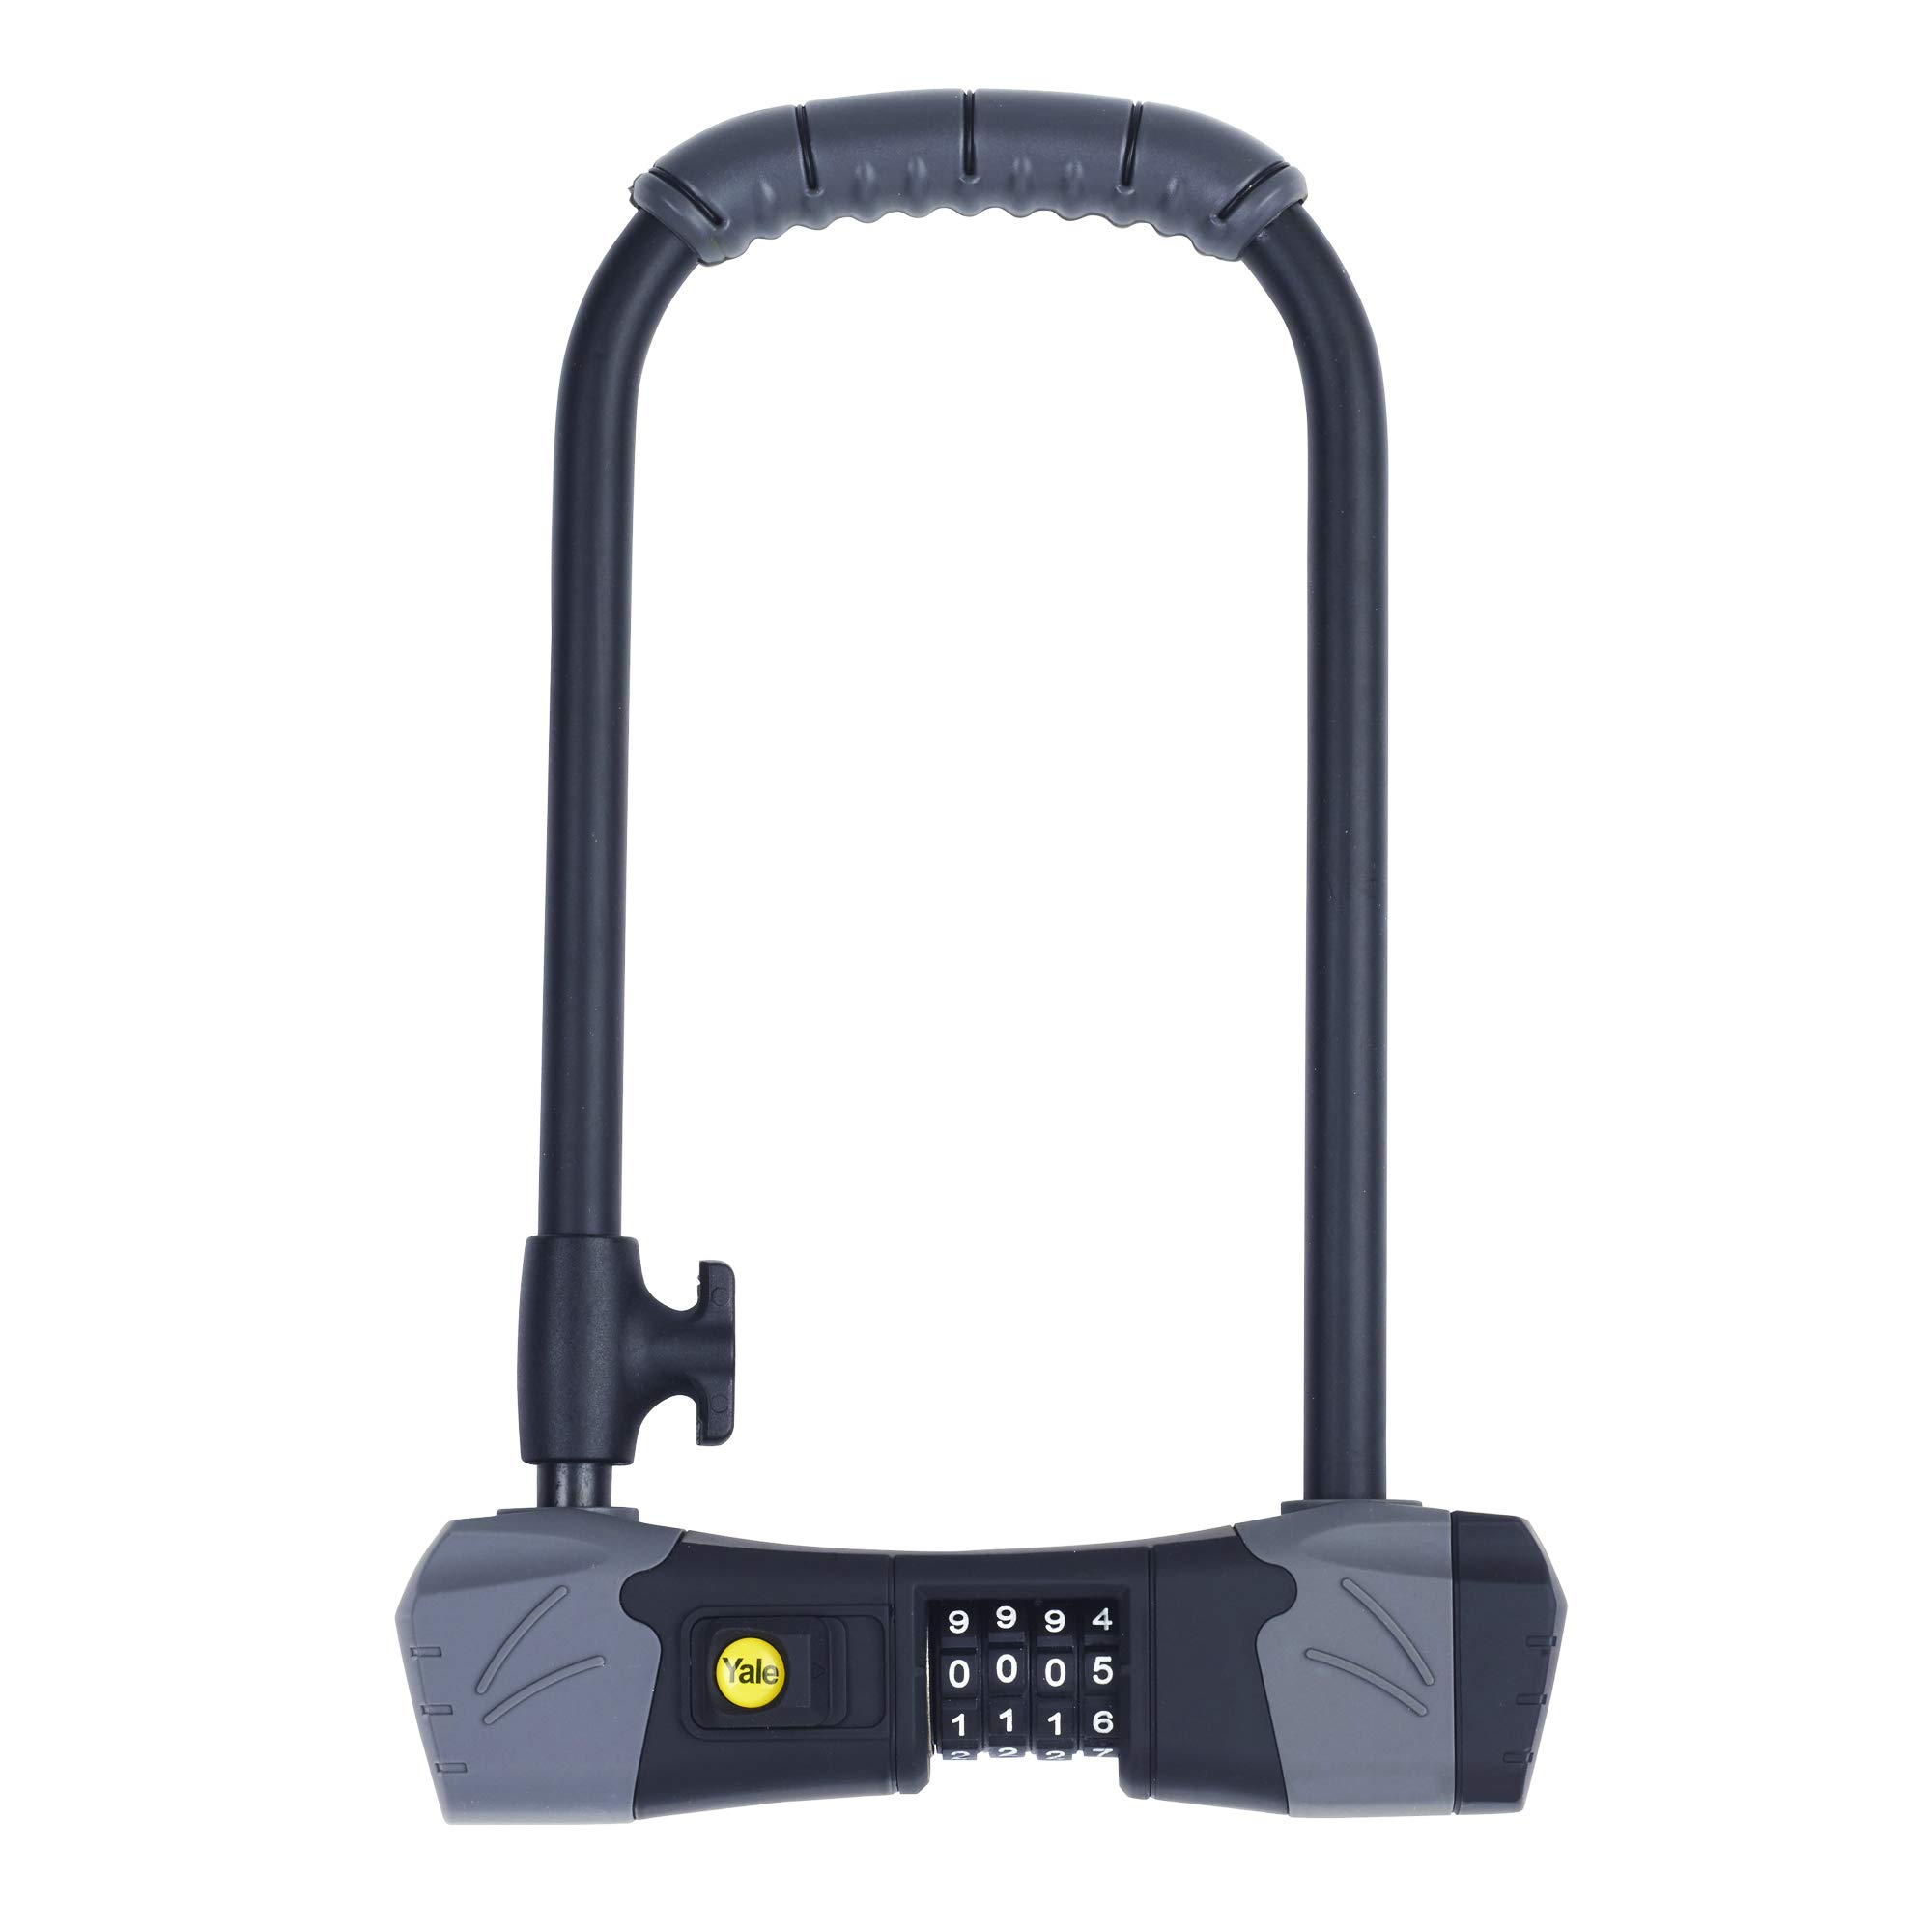 Yale YCUL2/13/230/1 Standard Security Defendor - Candado de seguridad para